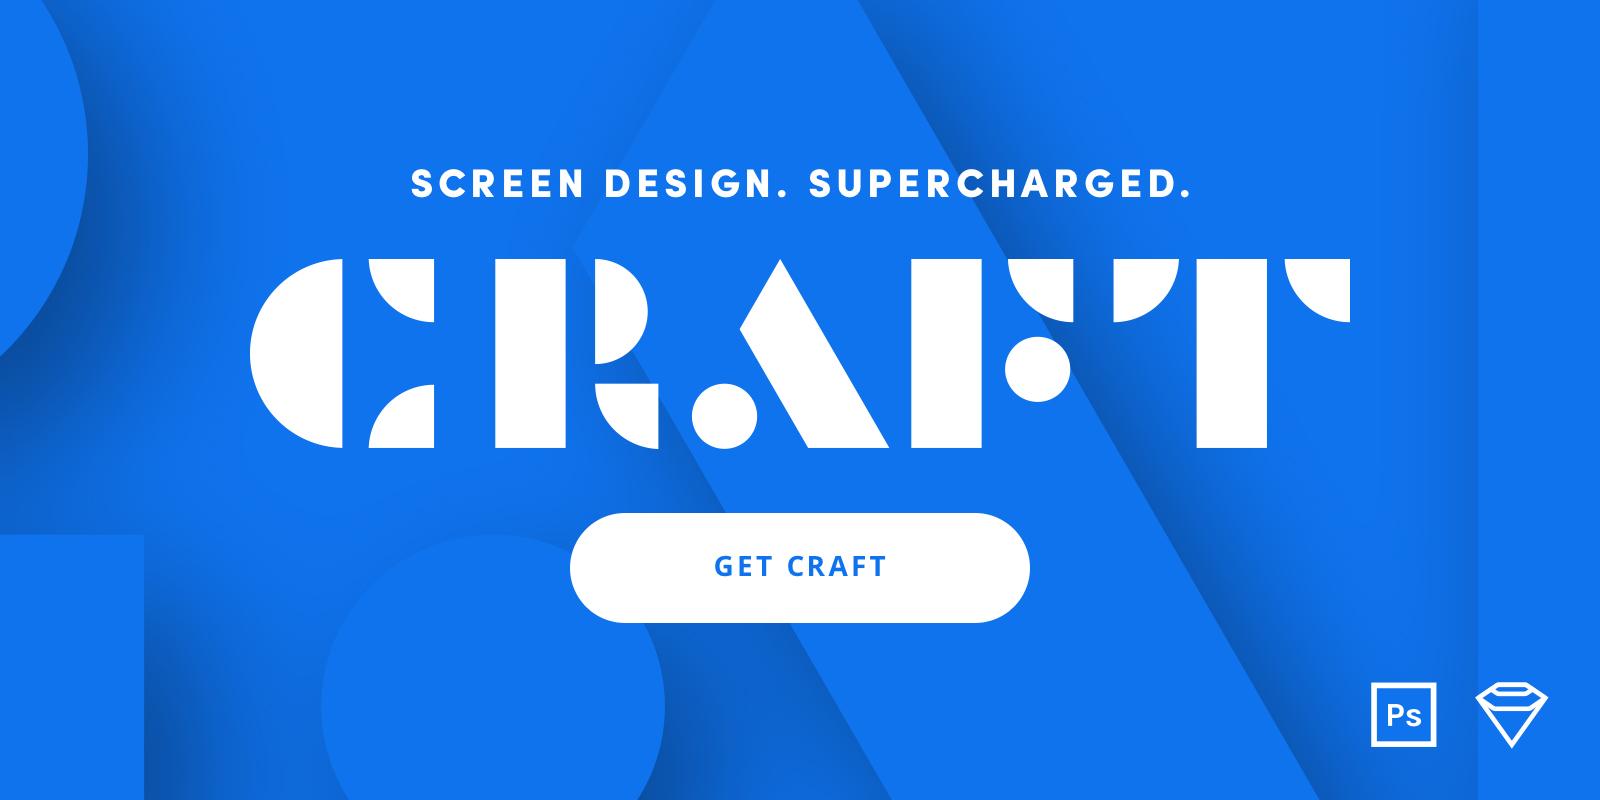 get-craft